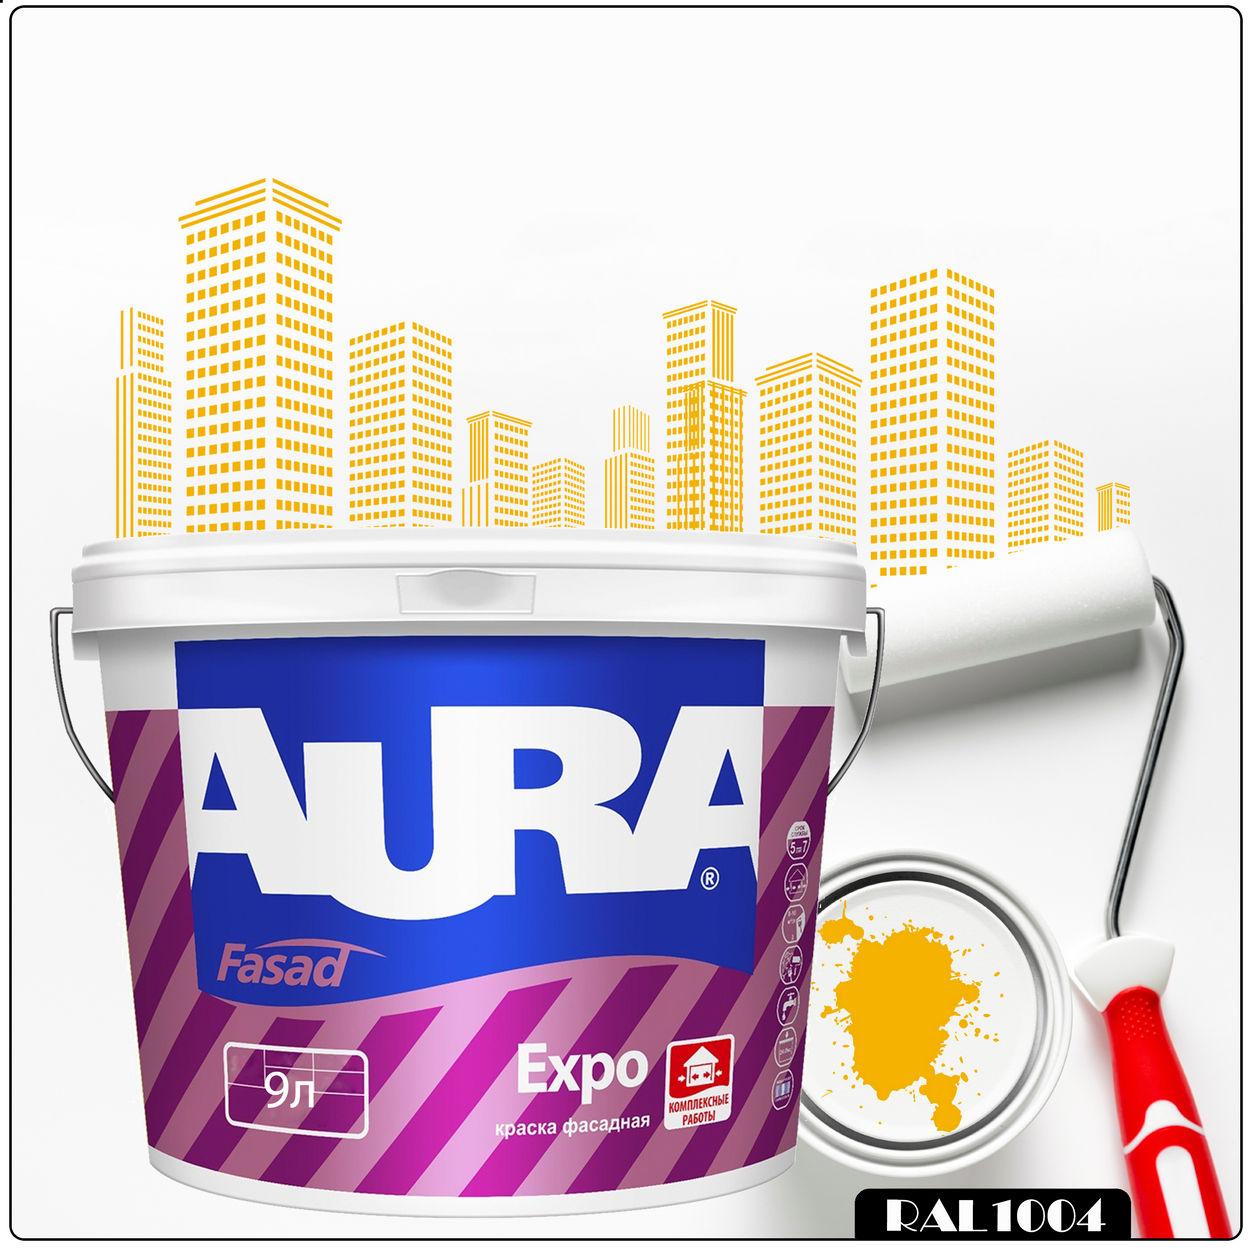 Фото 5 - Краска Aura Fasad Expo, RAL 1004 Жёлто-золотой, матовая, для фасадов и помещений с повышенной влажностью, 9л.